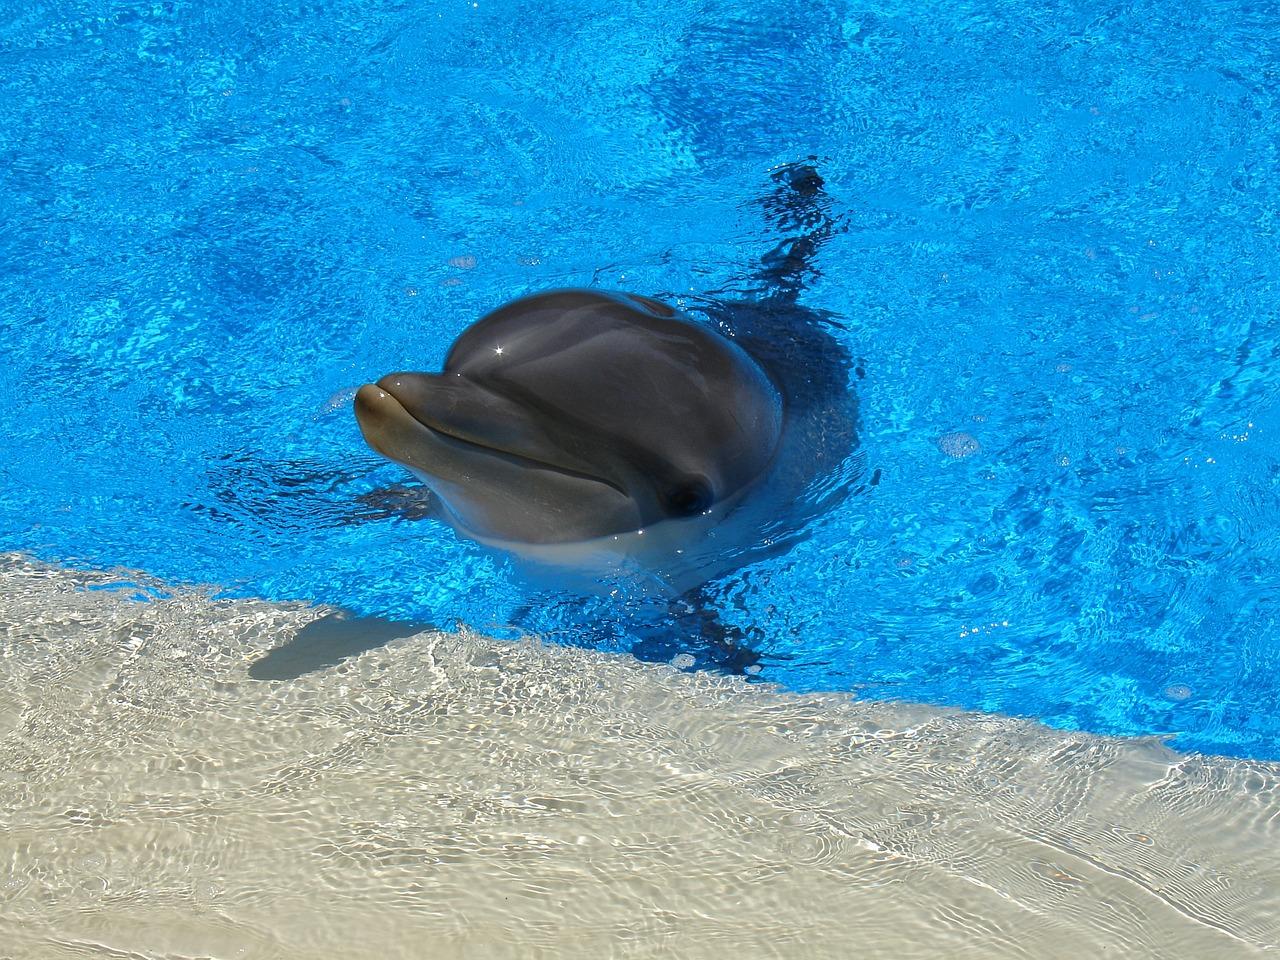 монитора фото дельфин мерцающий этих городах вполне